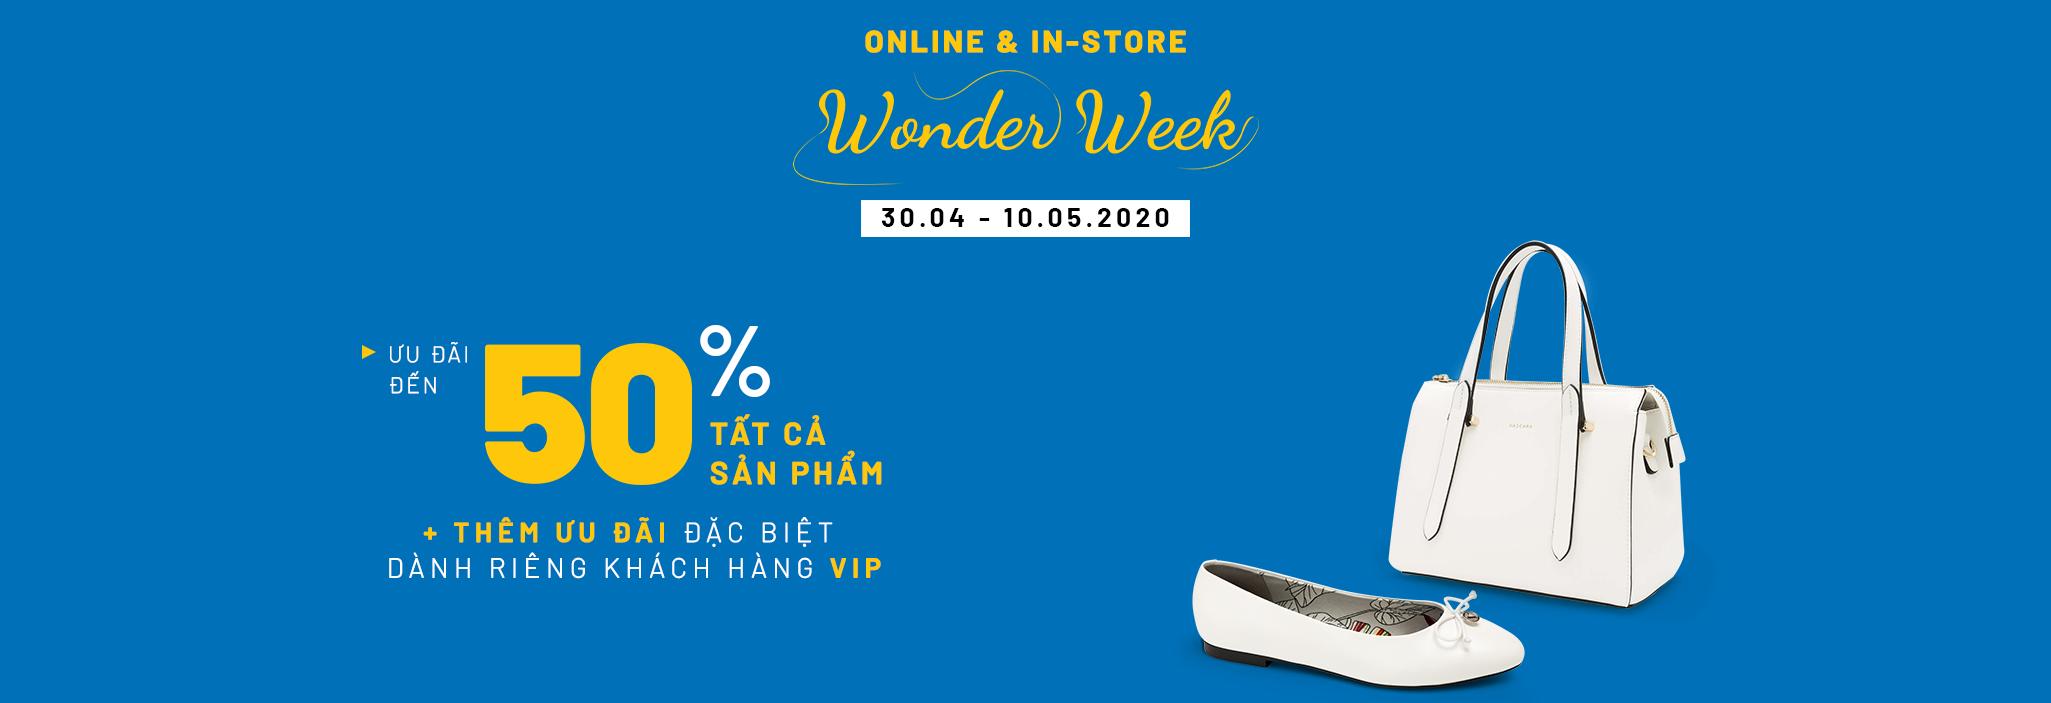 Wonder Week | ƯU ĐÃI đến 50% tất cả sản phẩm